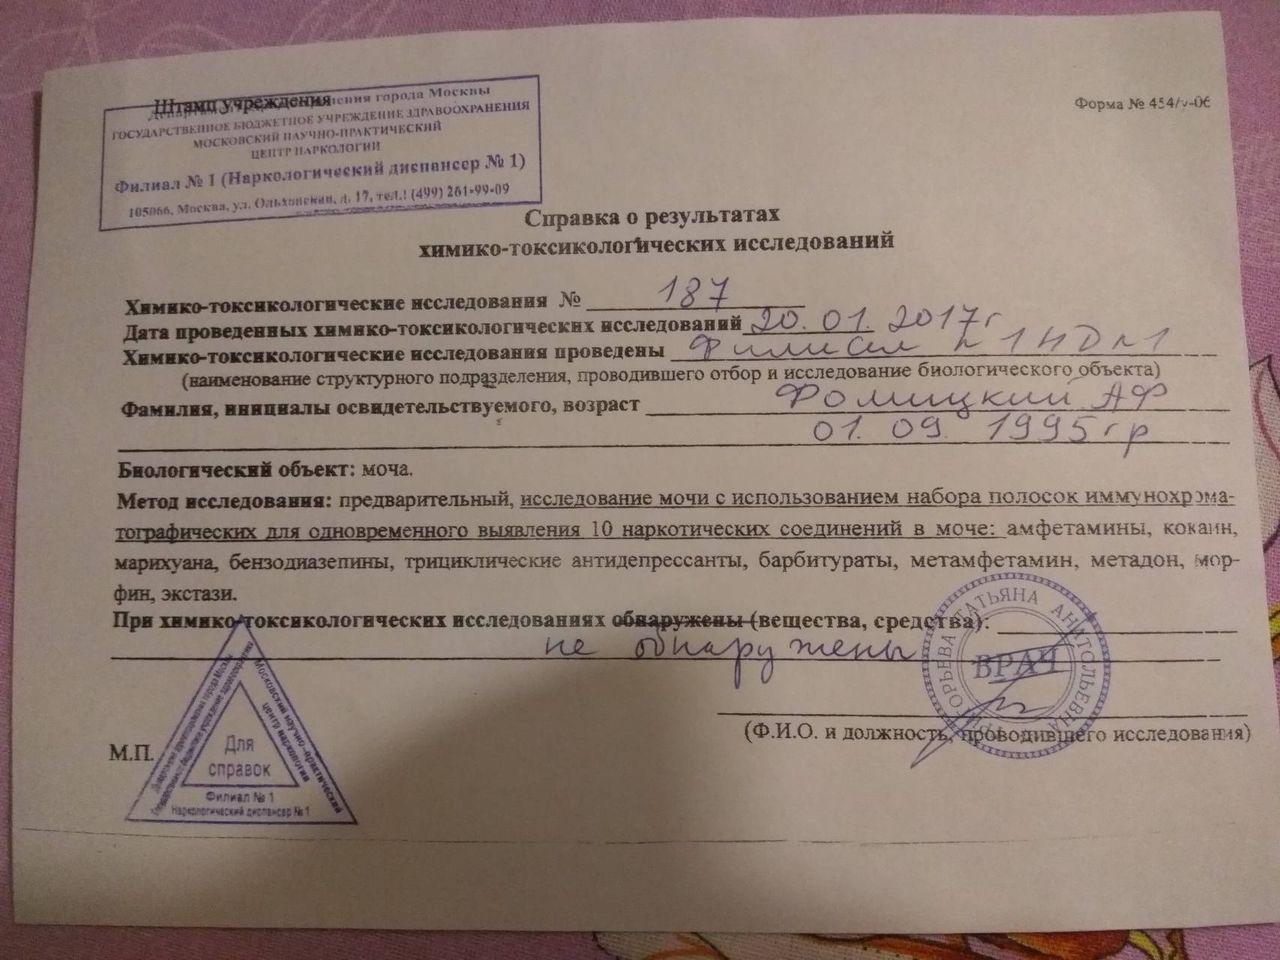 Медицинская справка формы 002 иркутск медицинская справка для водительского удостоверения м.кировский завод